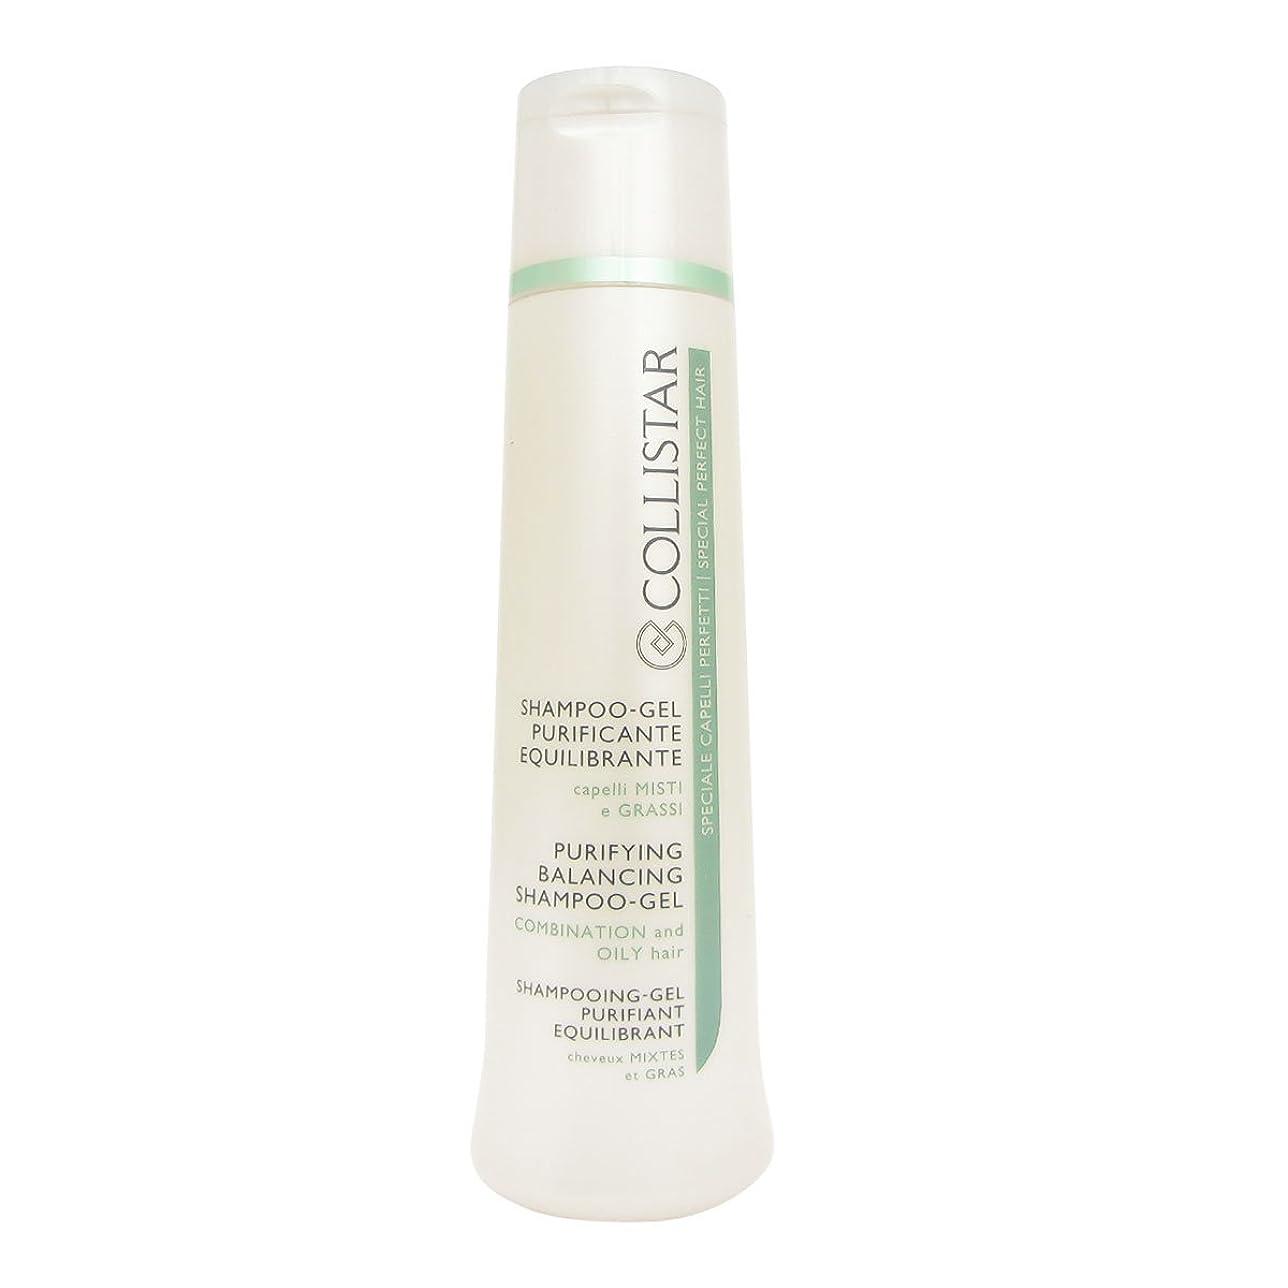 高く手を差し伸べる宿るCollistar Hair Purifying Balancing Shampoo-gel 250ml [並行輸入品]